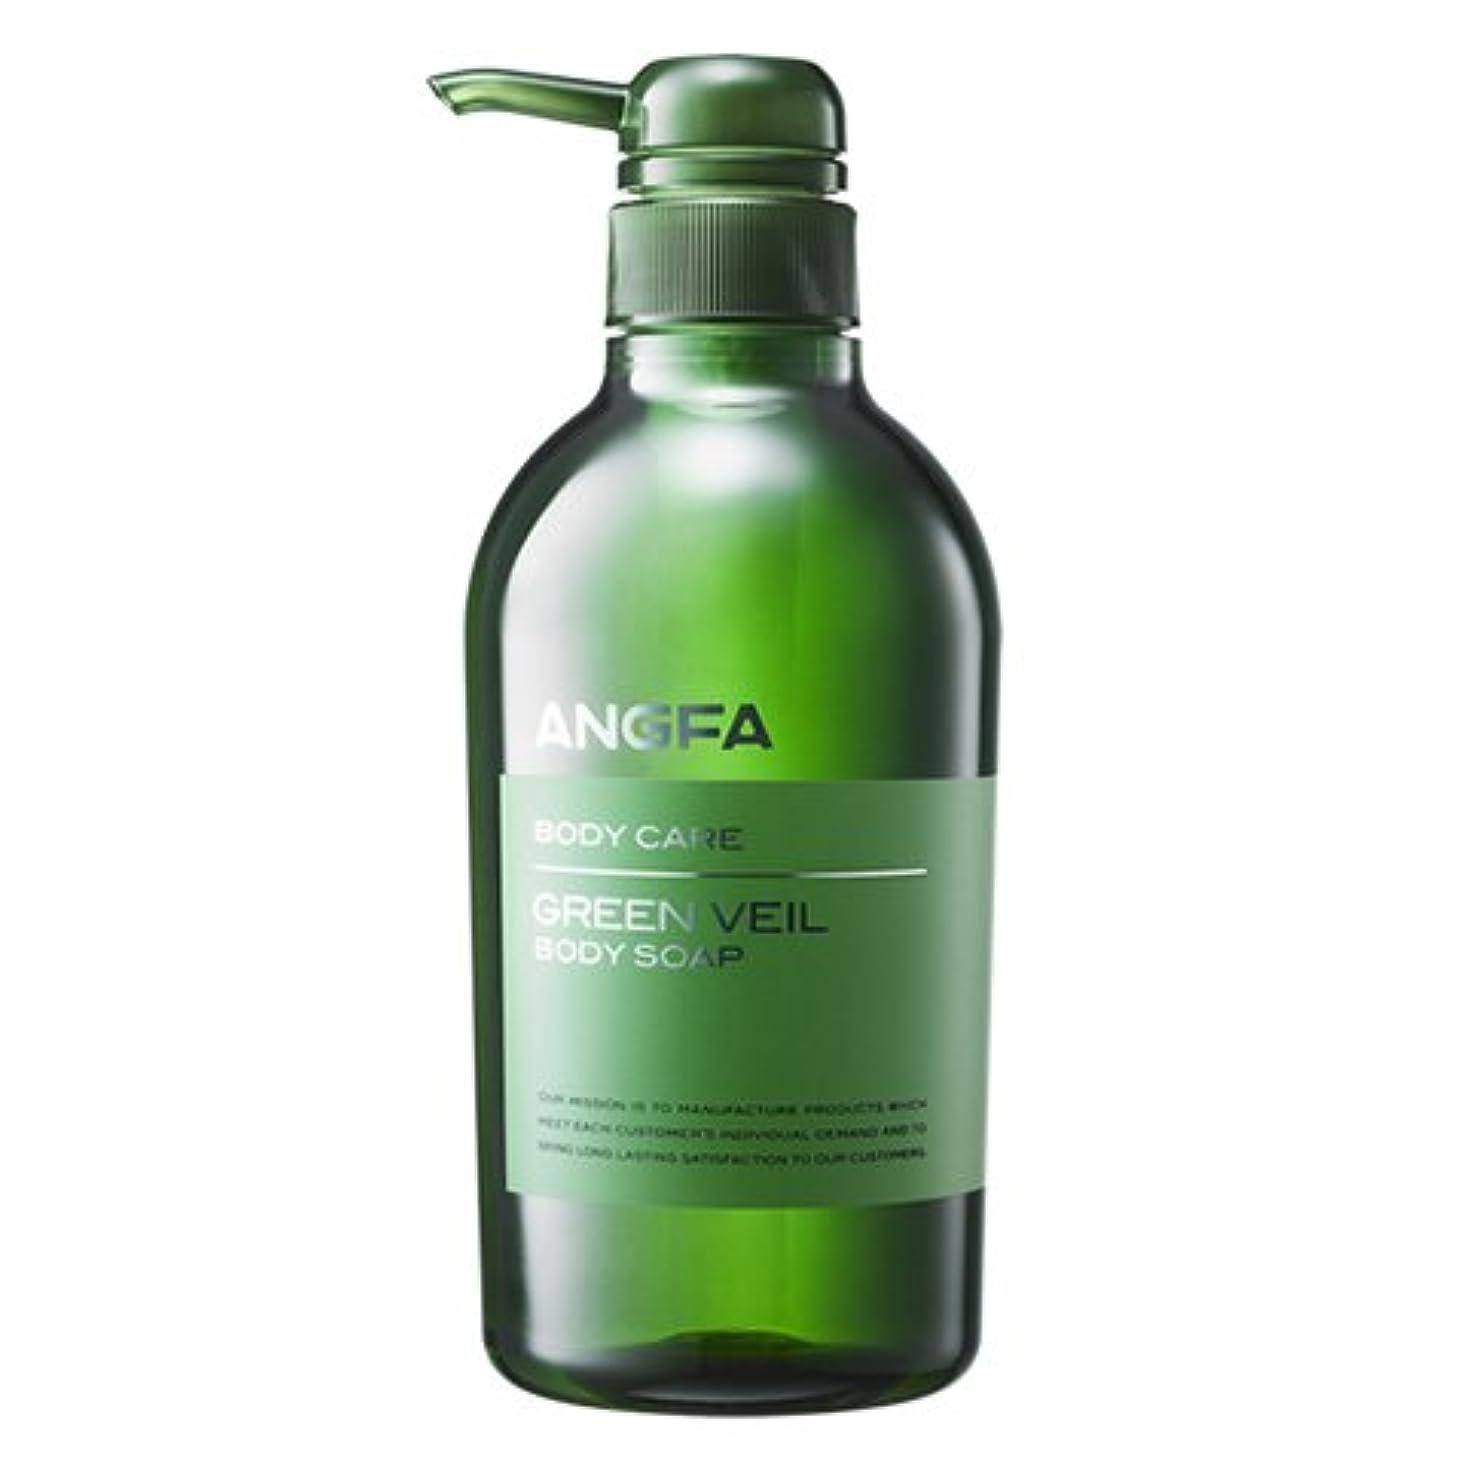 授業料物理ウェイターアンファー (ANGFA) グリーンベール 薬用ボディソープ 500ml グリーンフローラル [乾燥?保湿] かゆみ肌